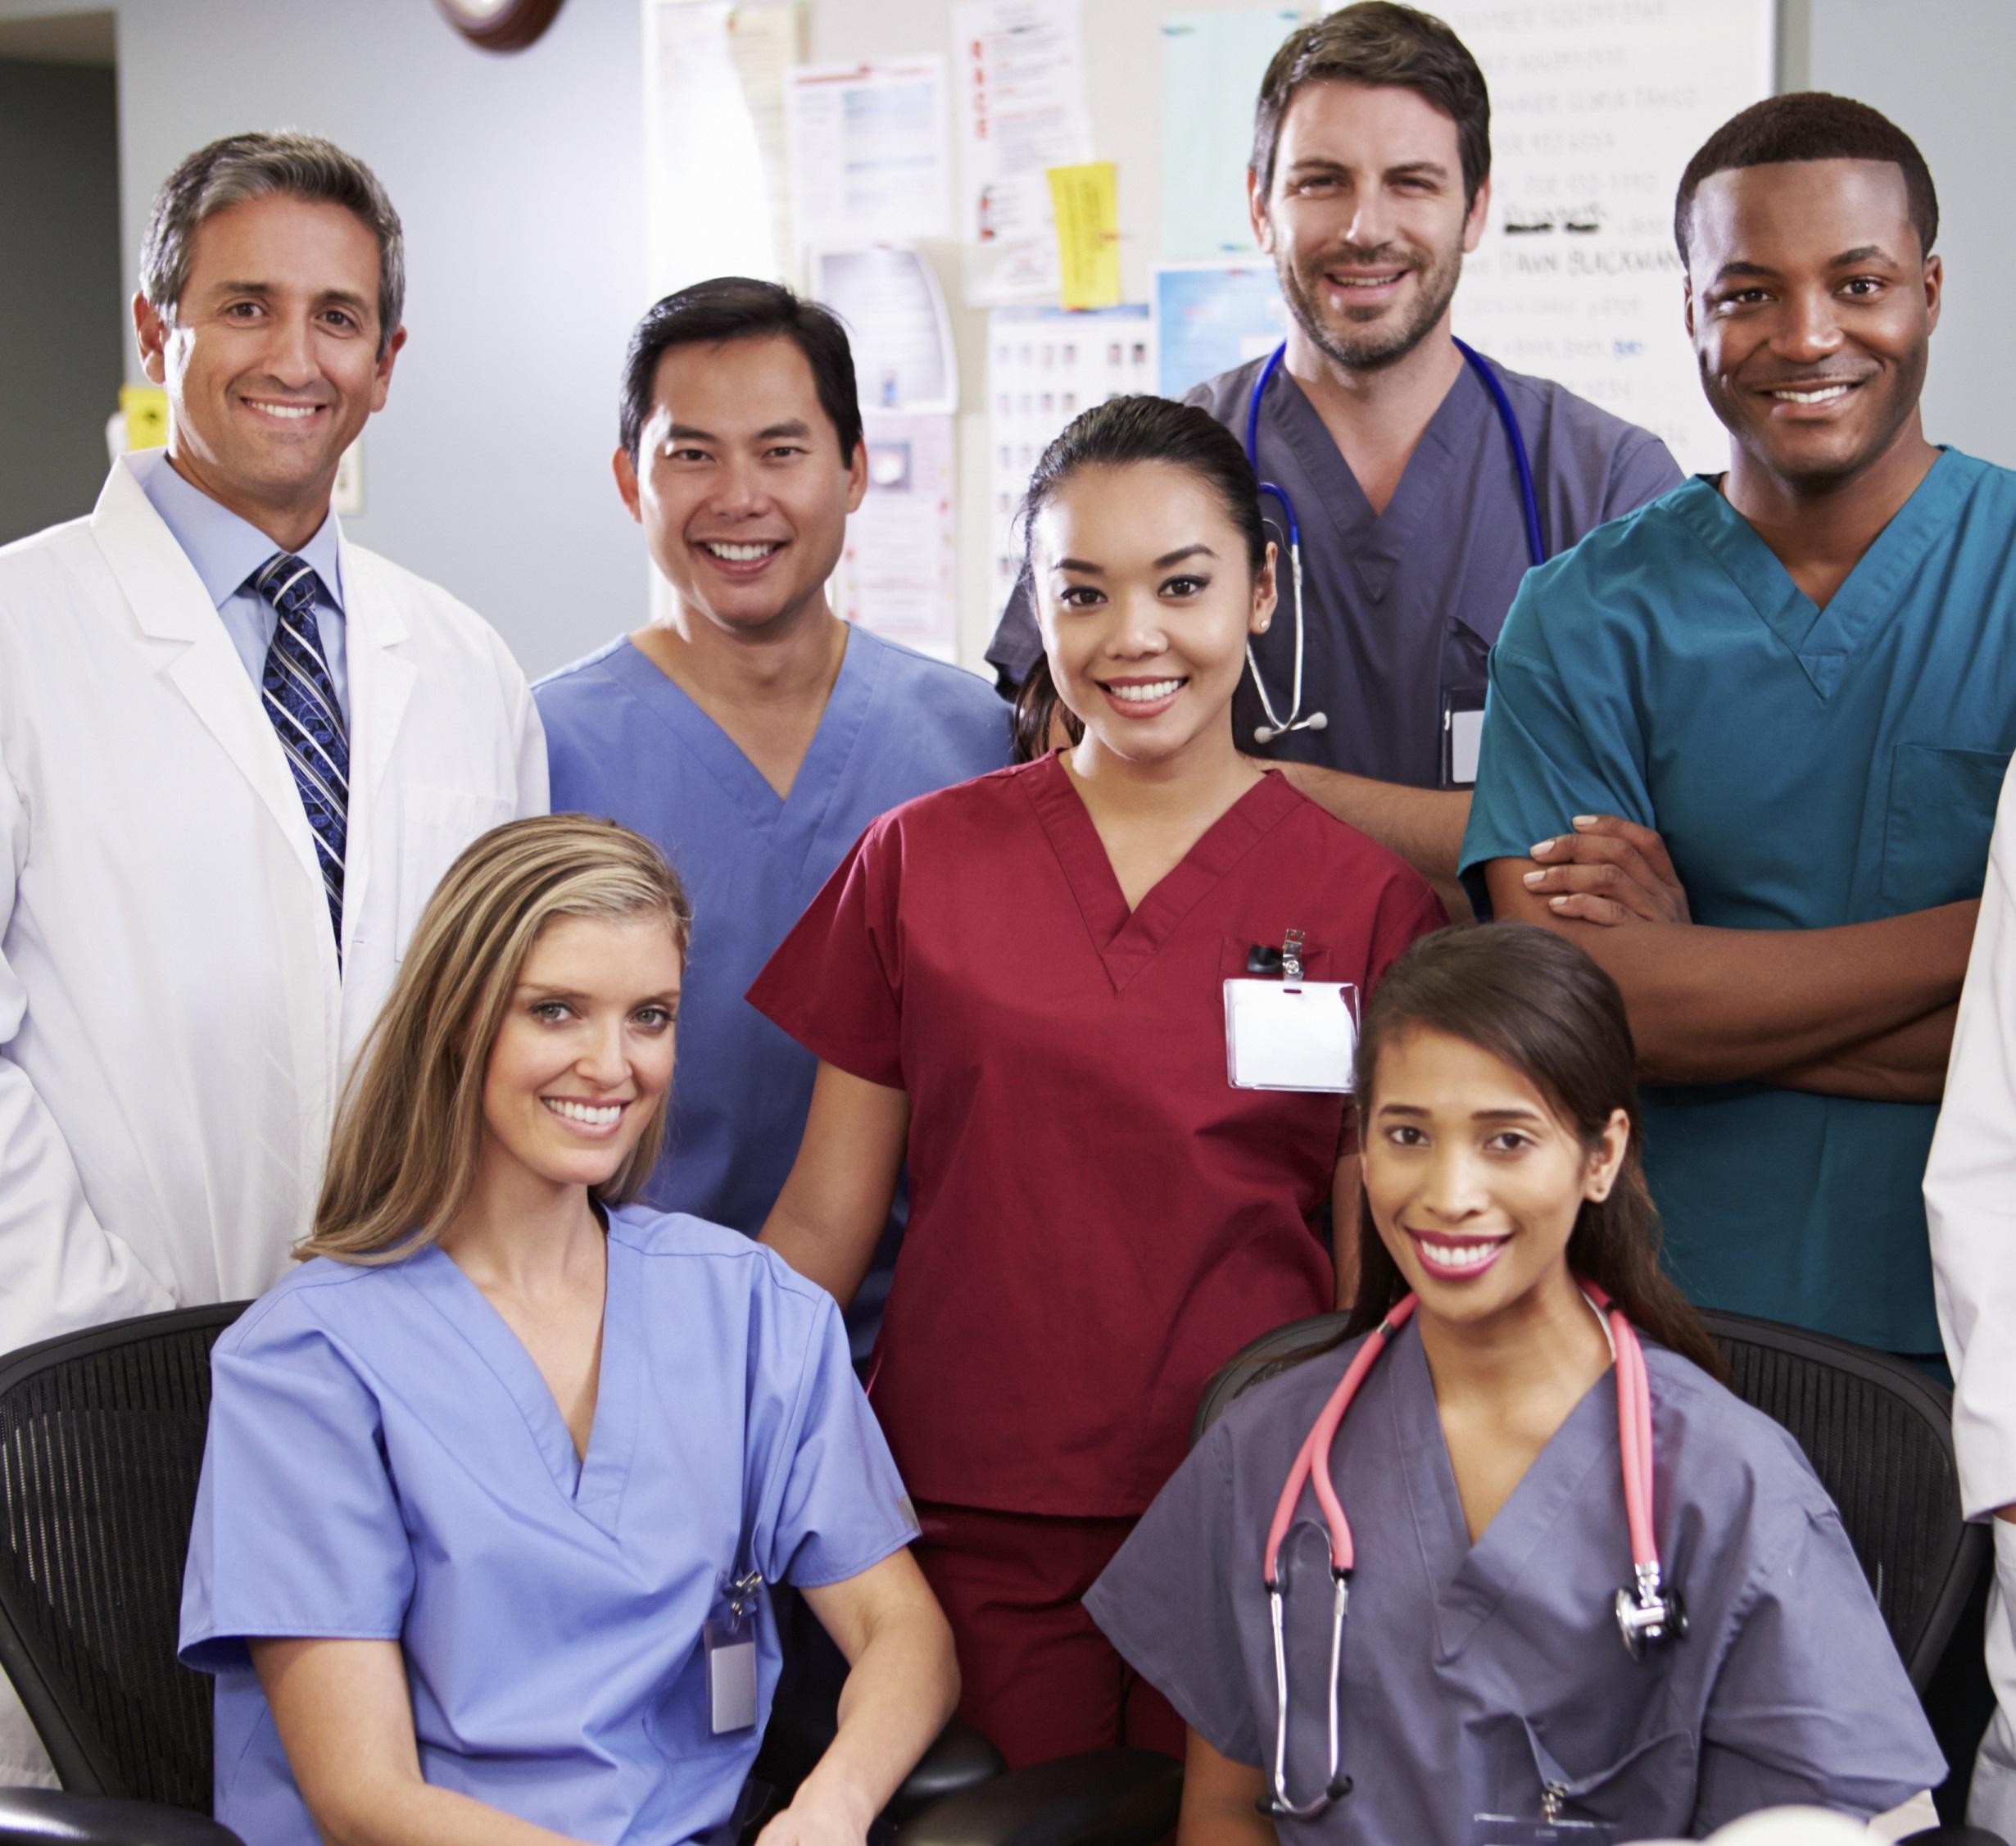 la county department of public health - vaccine preventable